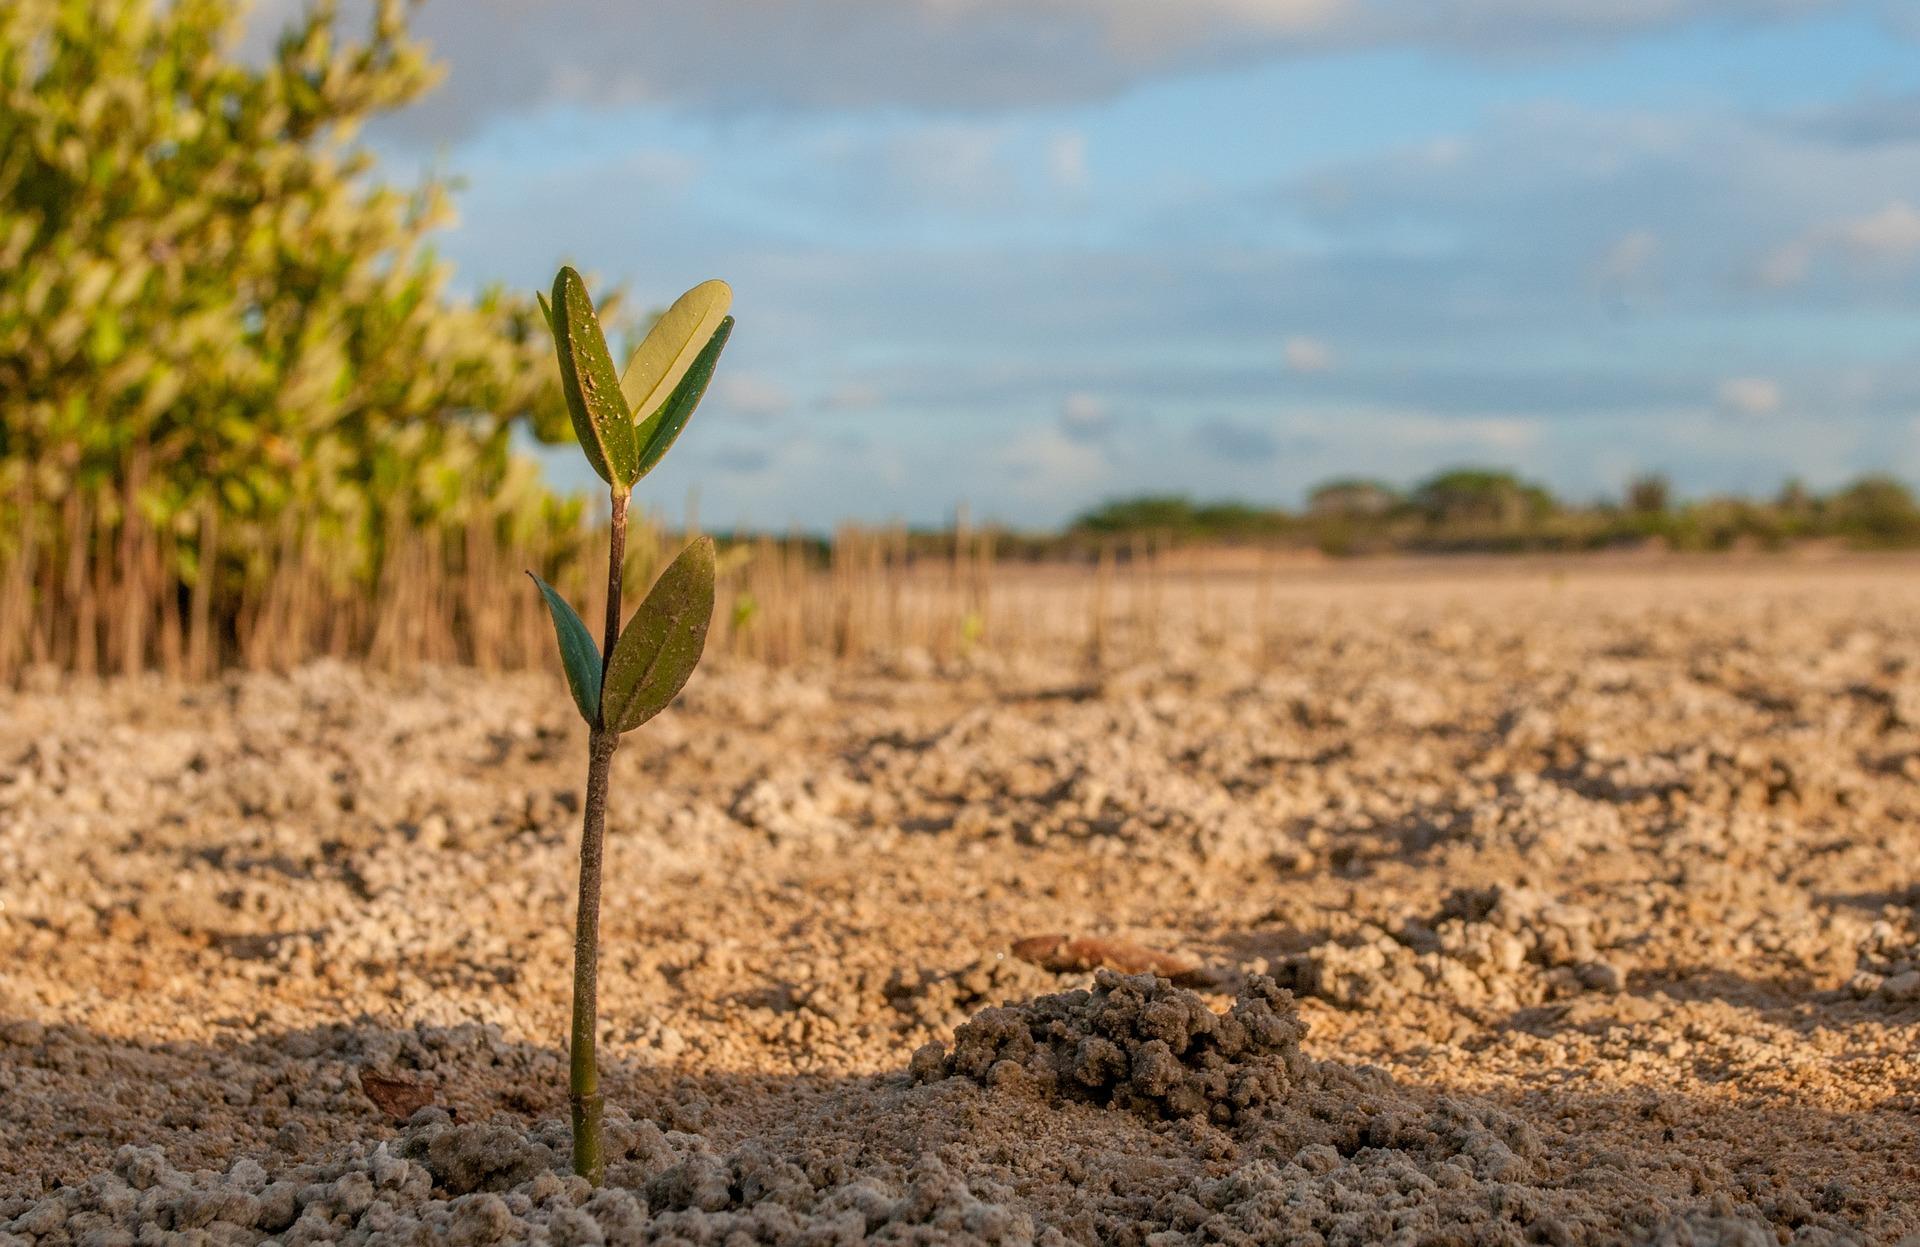 A mangrove sapling